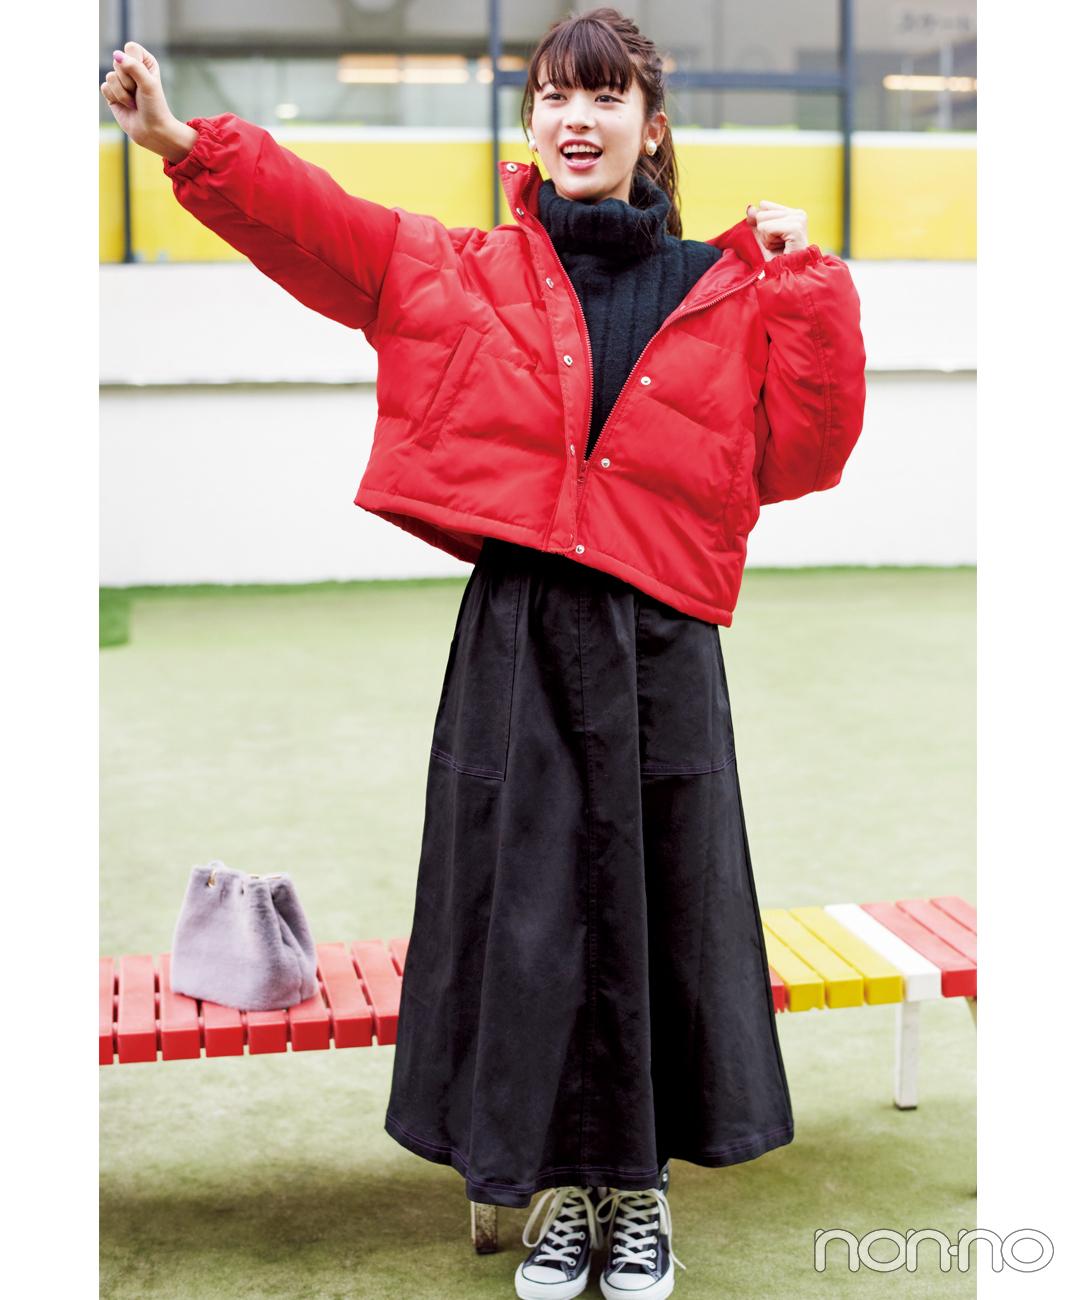 【冬のスニーカーコーデ】ロングスカートなら可愛さと防寒も叶う。ショート丈のアウターでバランスUP